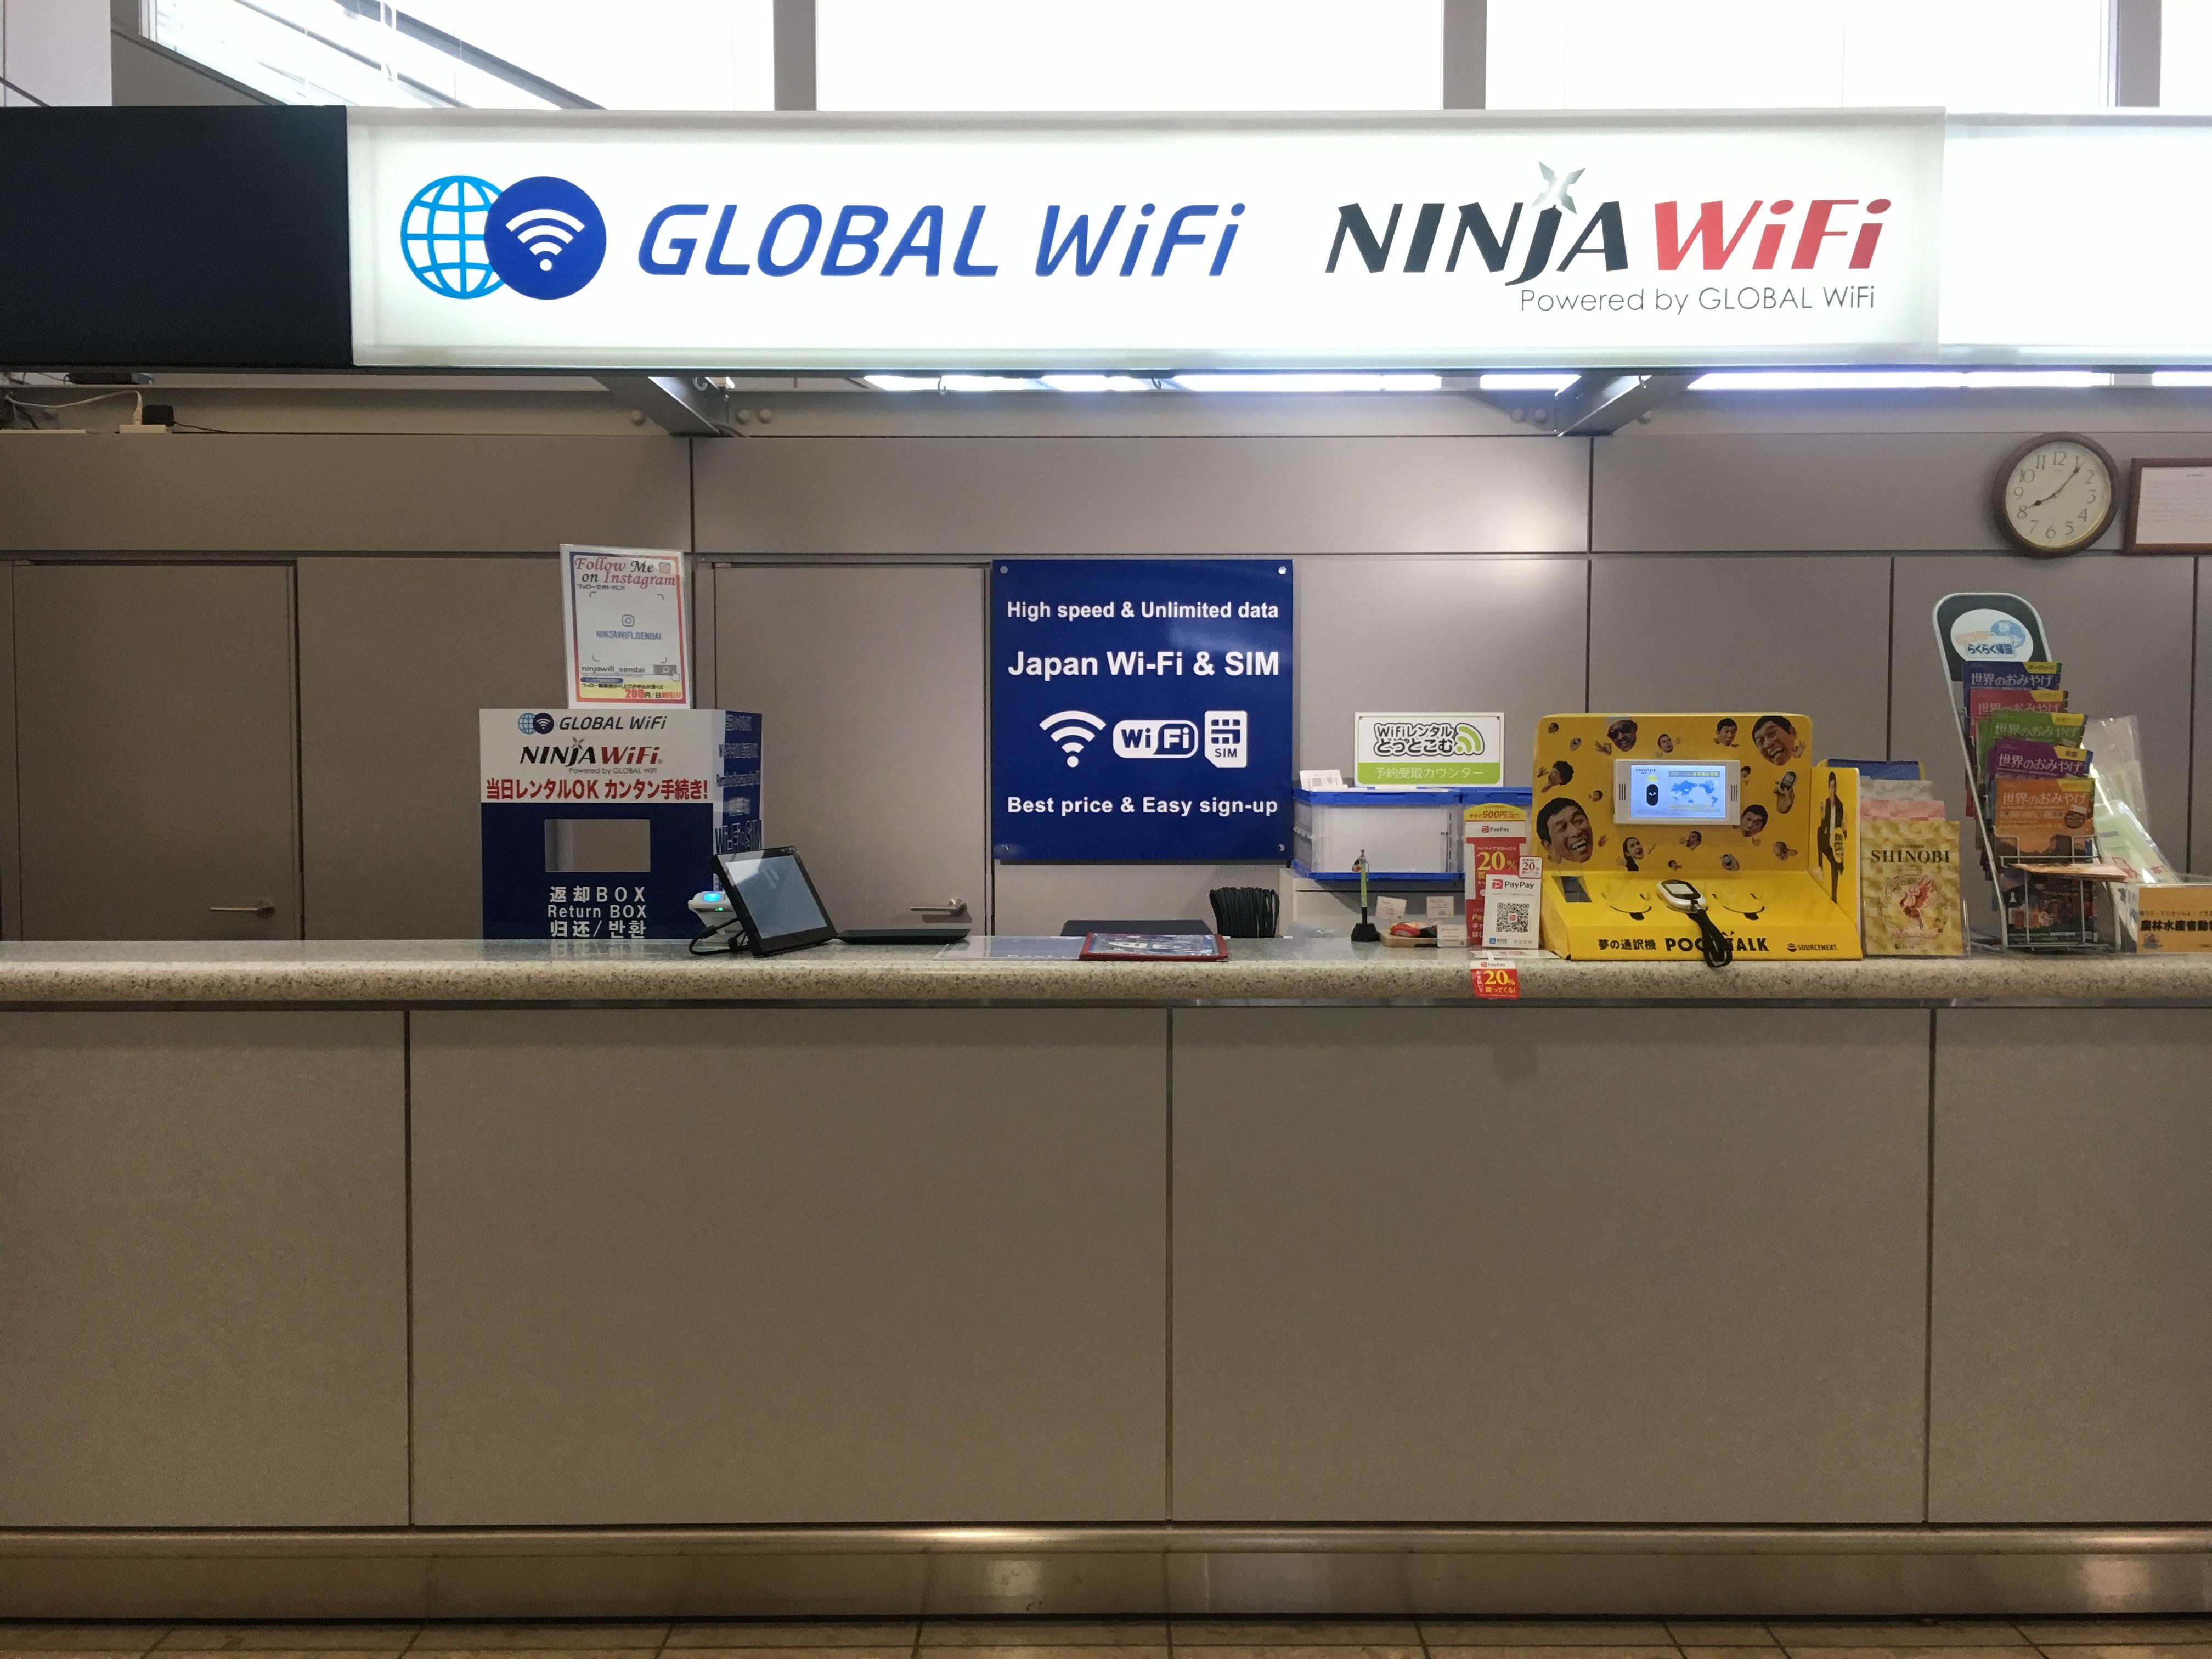 出租Wi-Fi机服务